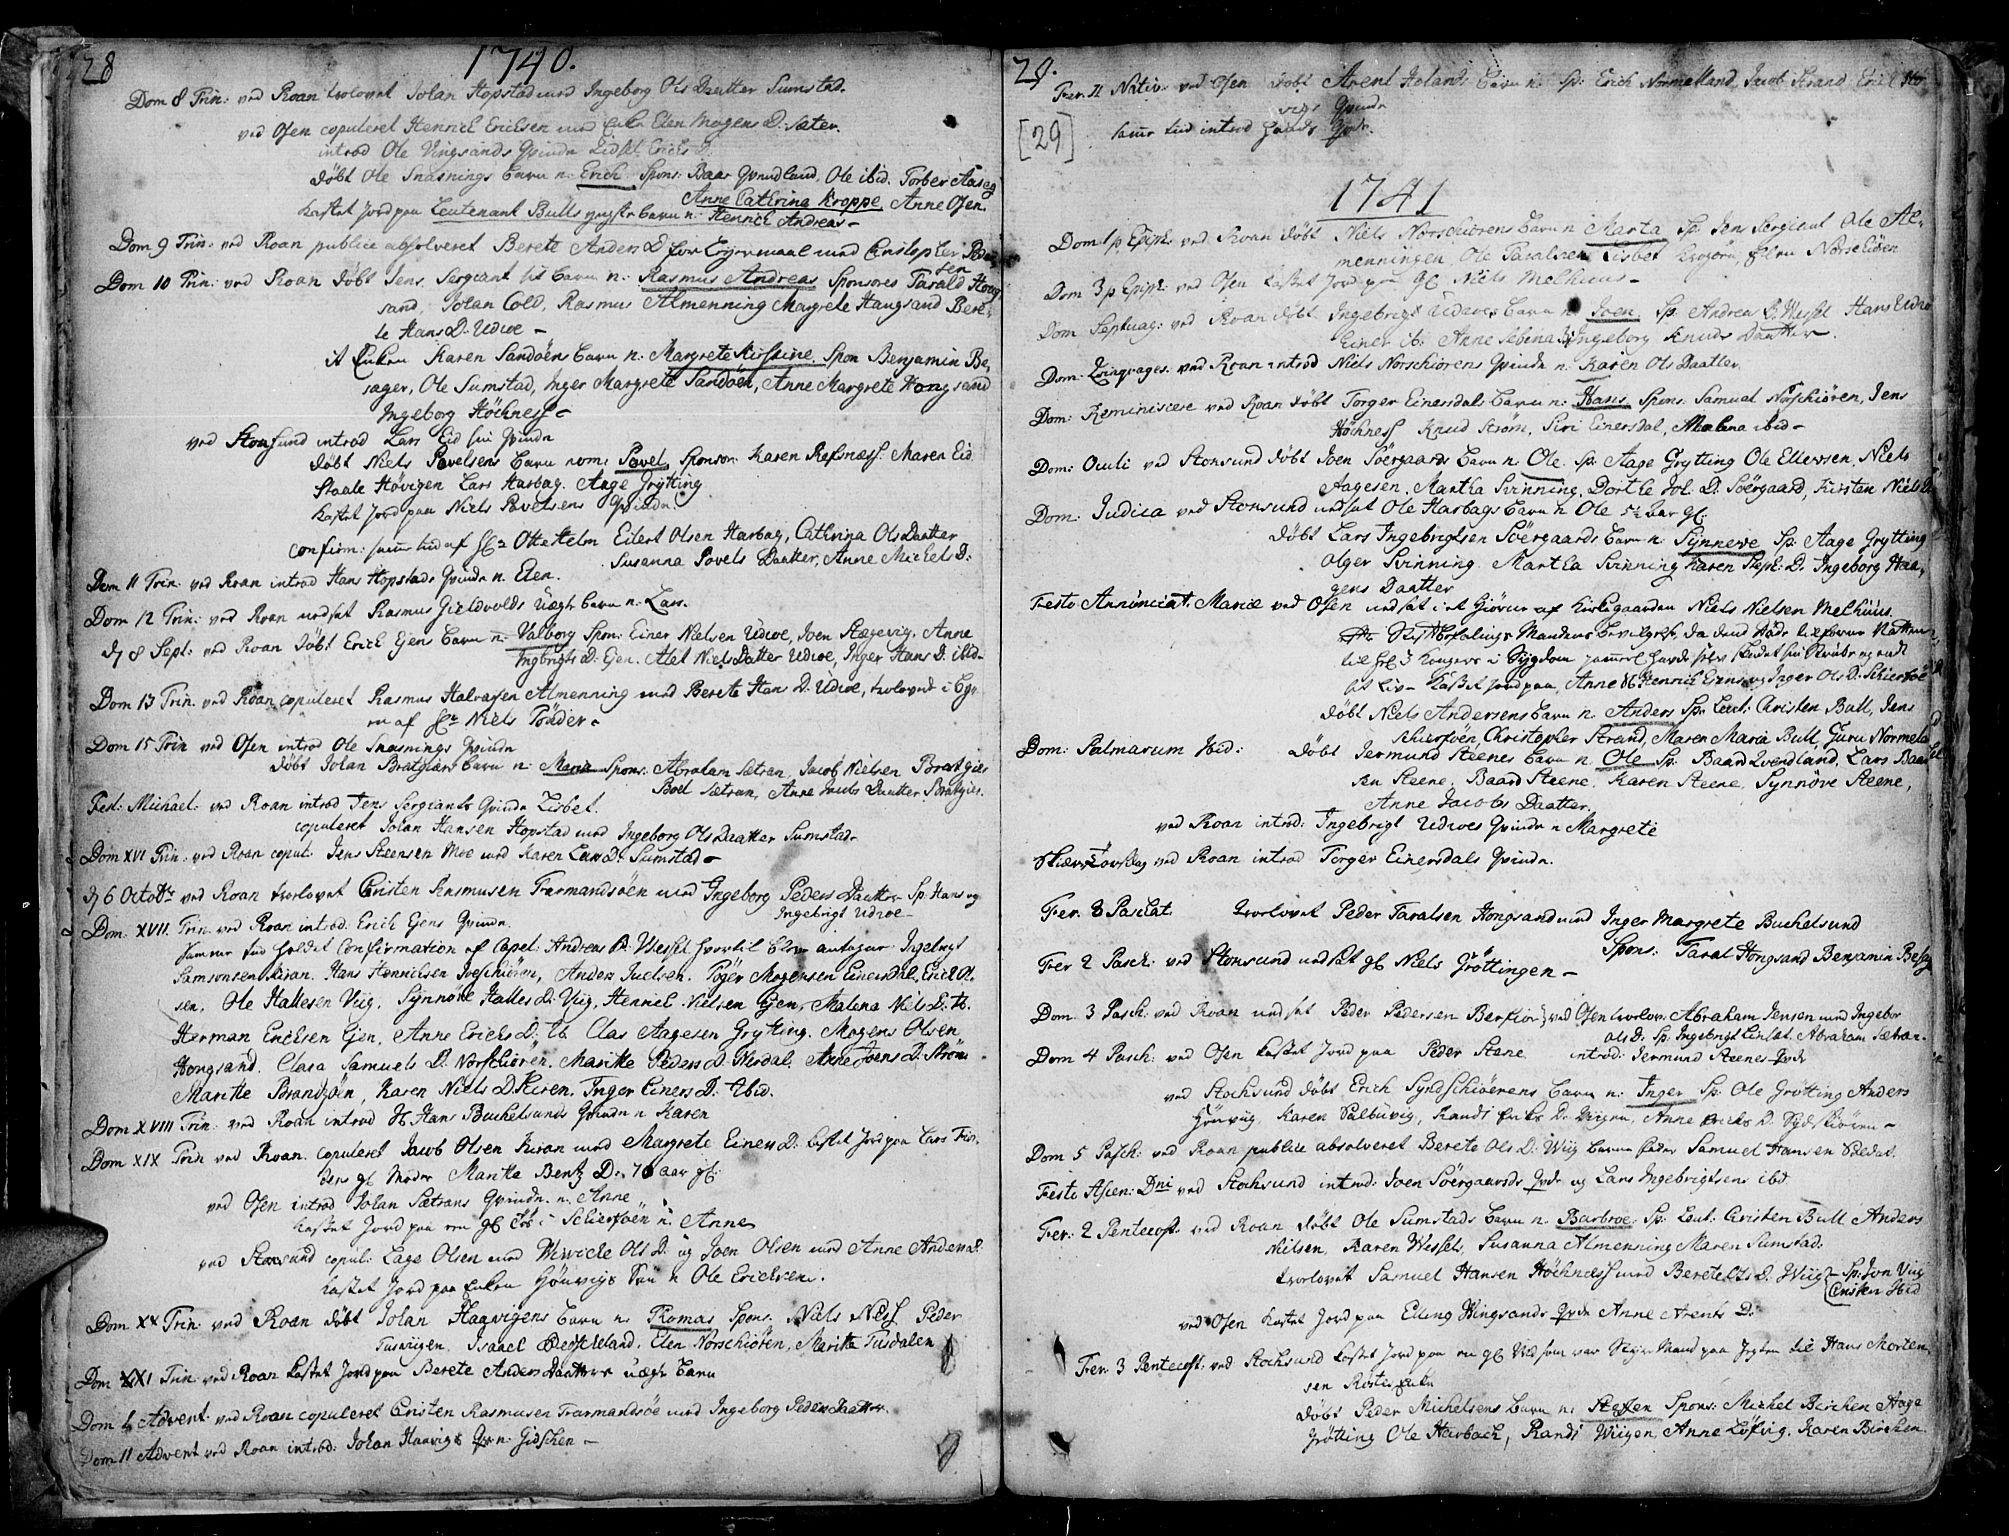 SAT, Ministerialprotokoller, klokkerbøker og fødselsregistre - Sør-Trøndelag, 657/L0700: Ministerialbok nr. 657A01, 1732-1801, s. 28-29